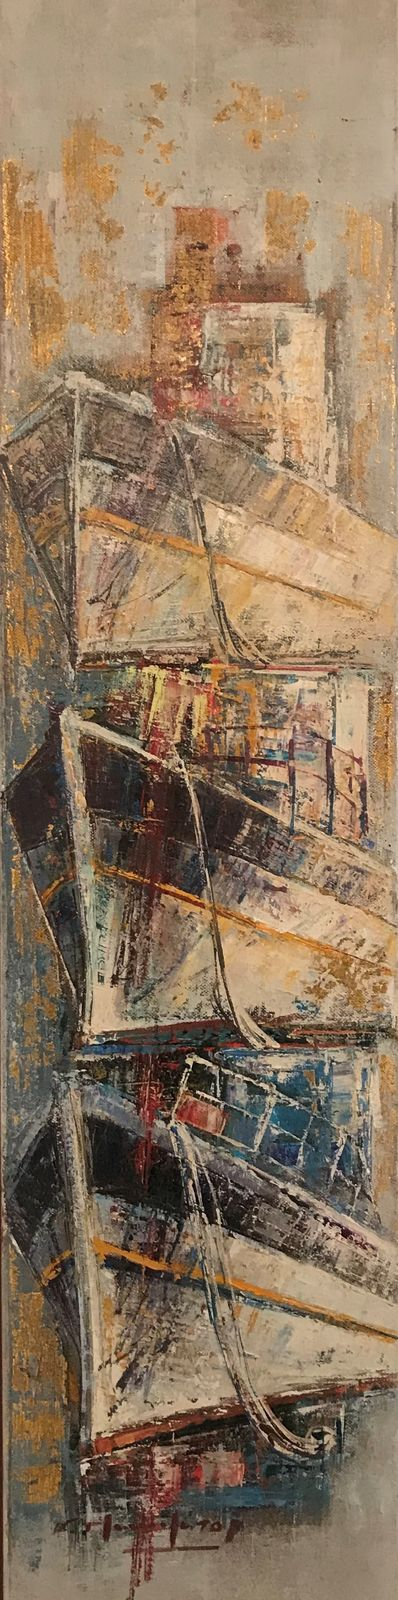 Κώστας Μανωλάτος 20×80 εκ. Ακρυλικά σε καμβά Costas Manolatos 20×80 cm, Acrylics on canvas